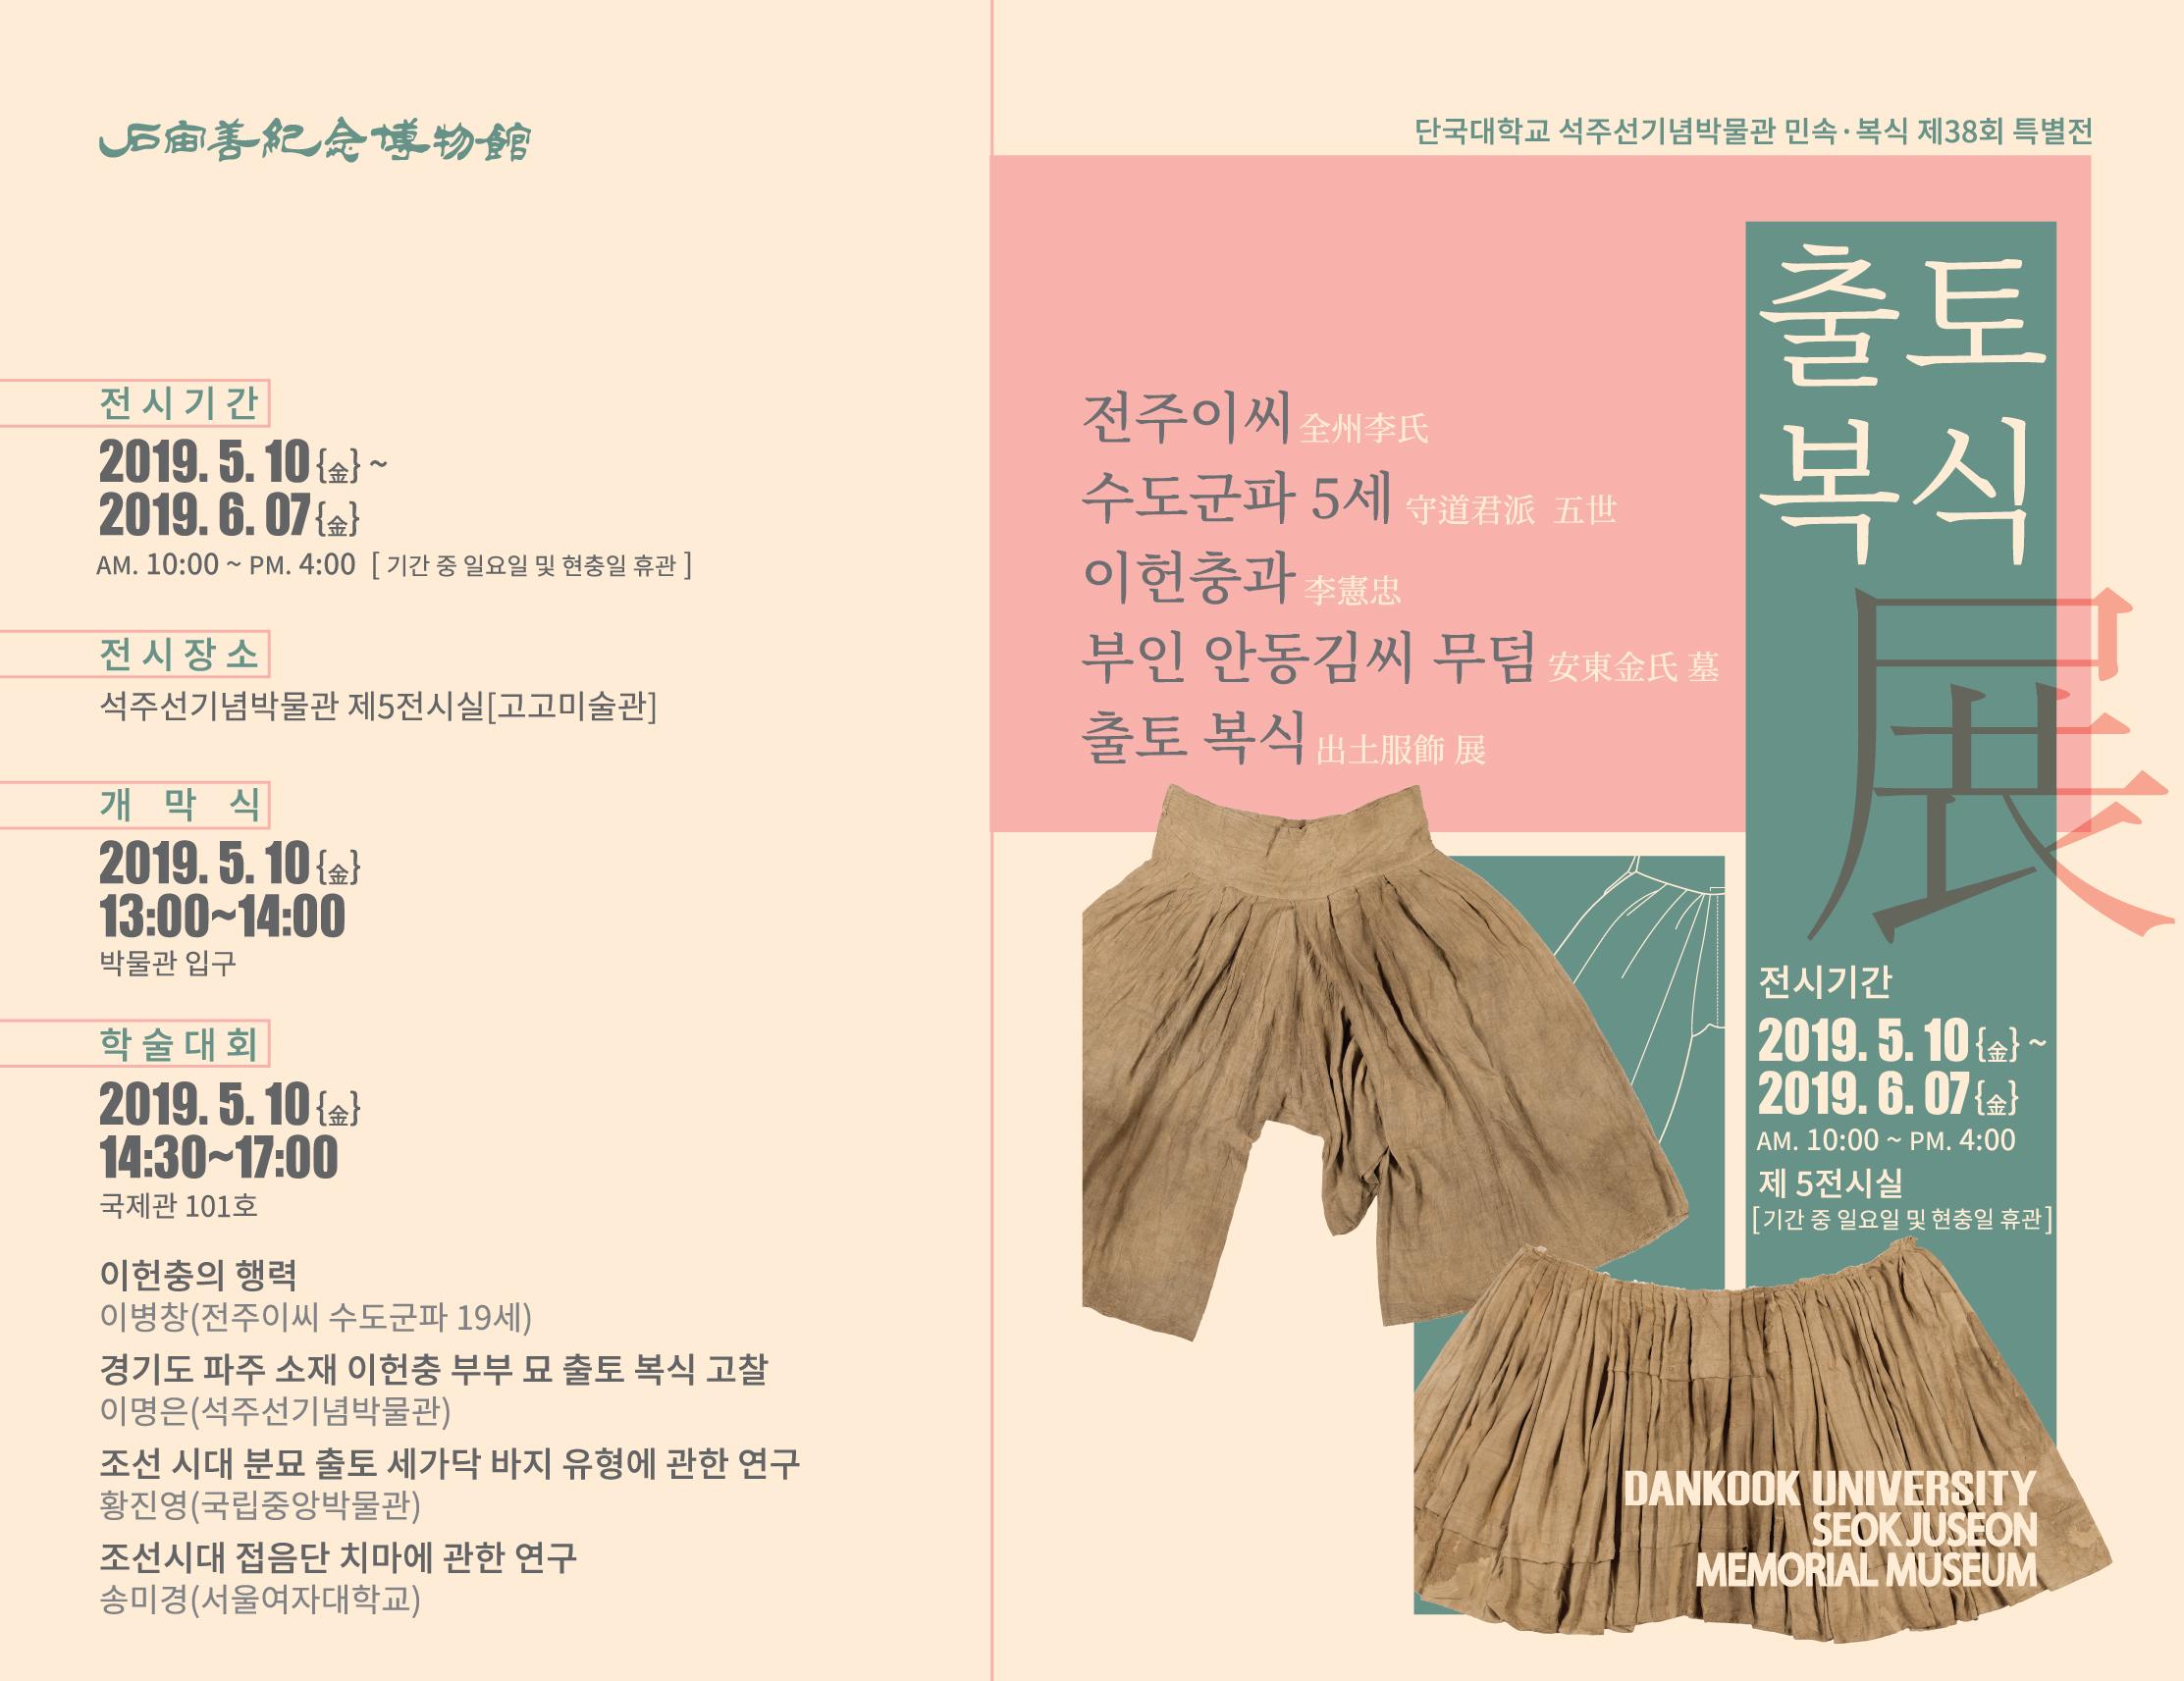 사본 -190904 민속 복식 38회 특별전_초청장 약식 수정.jpg